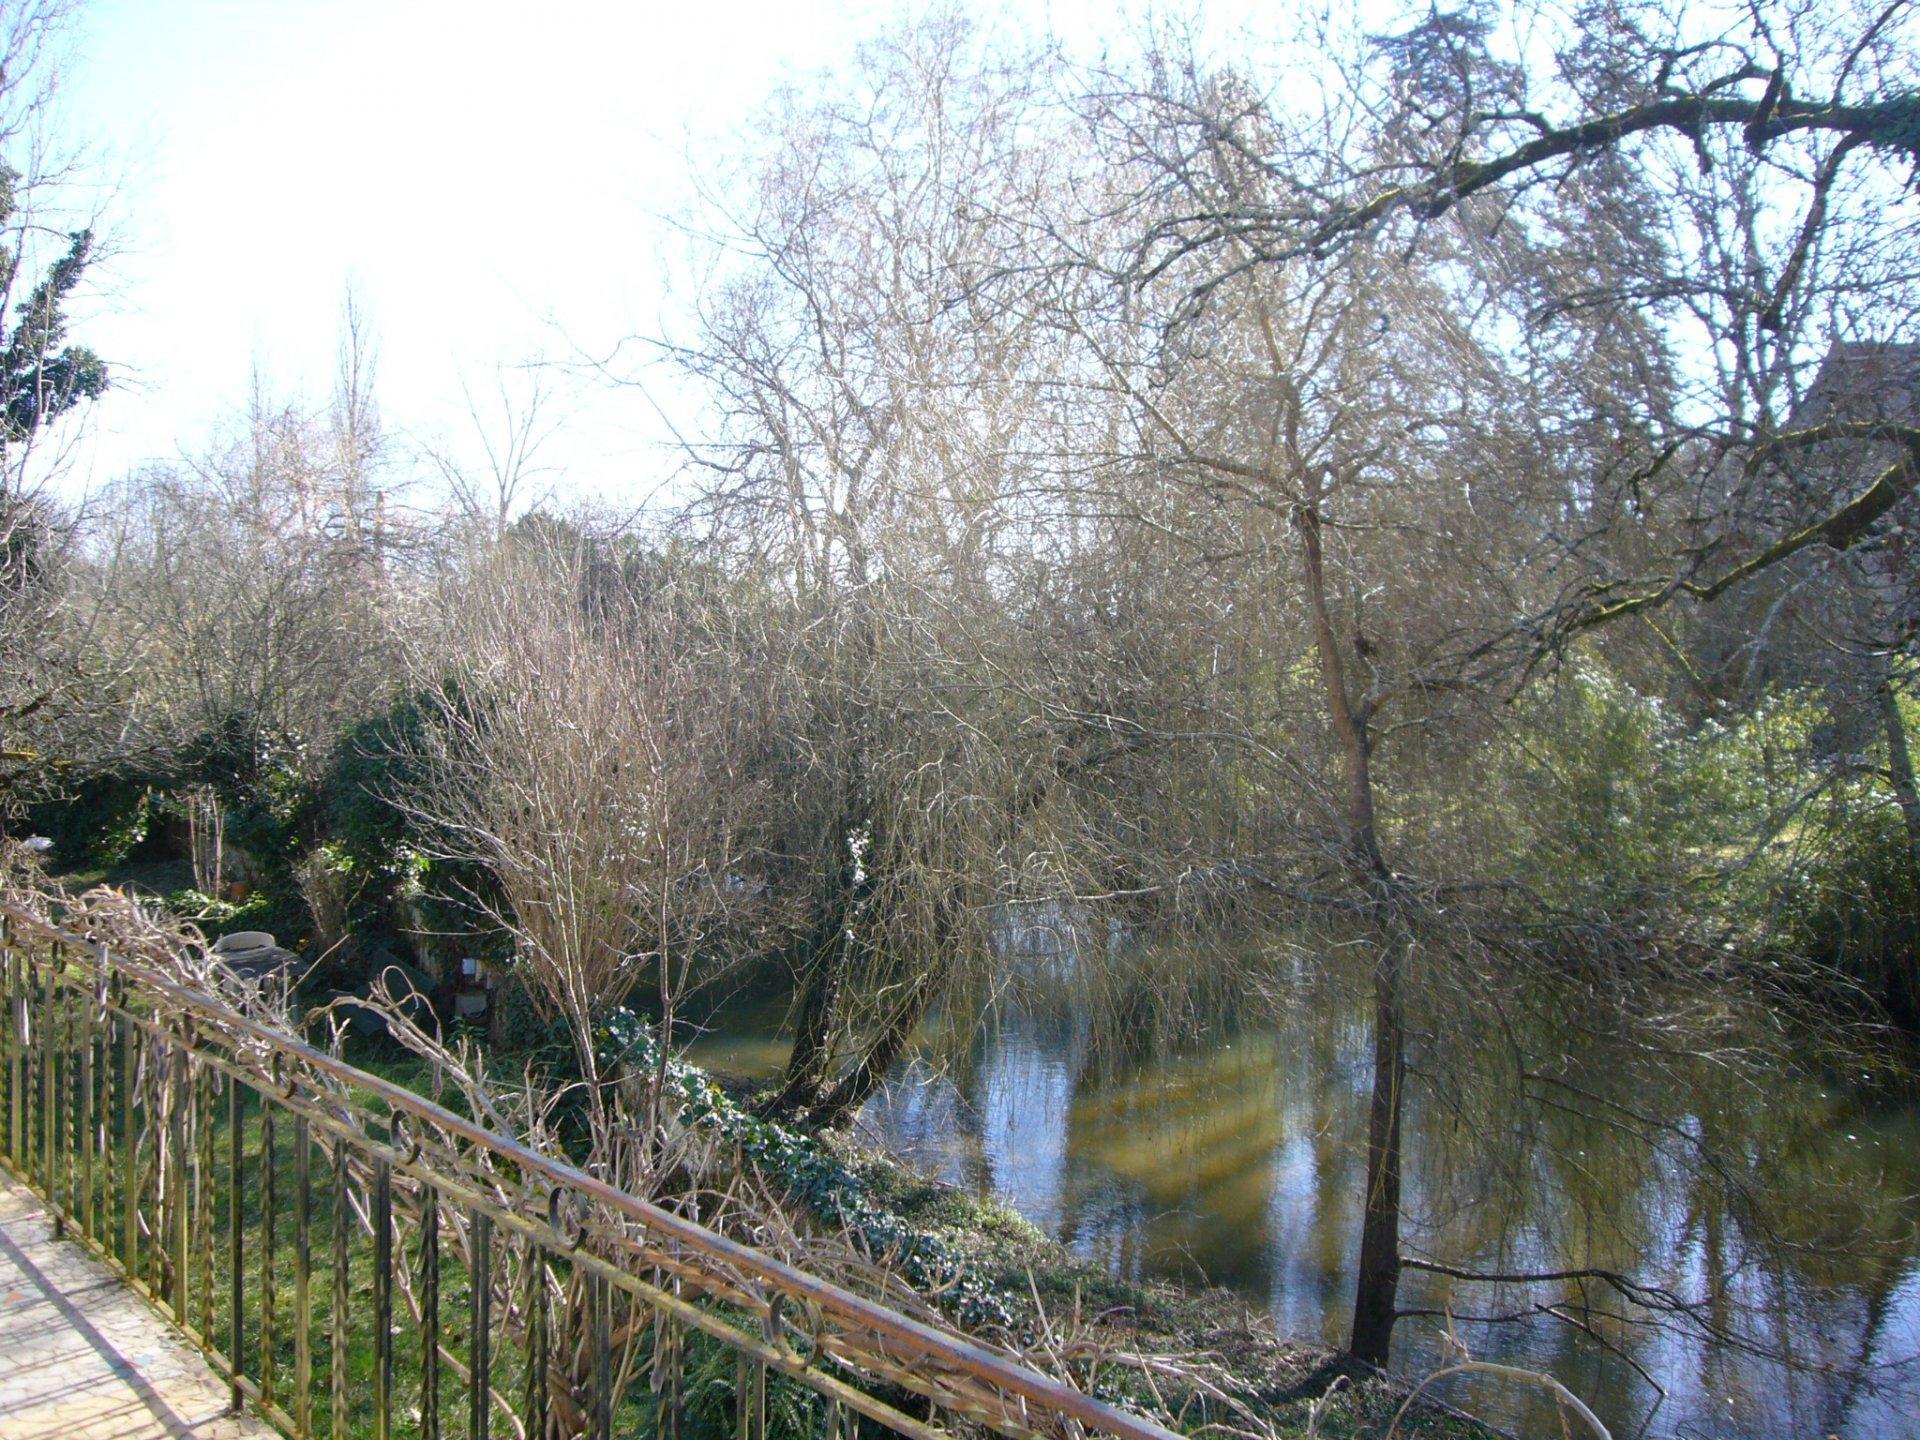 Maison bord de rivière